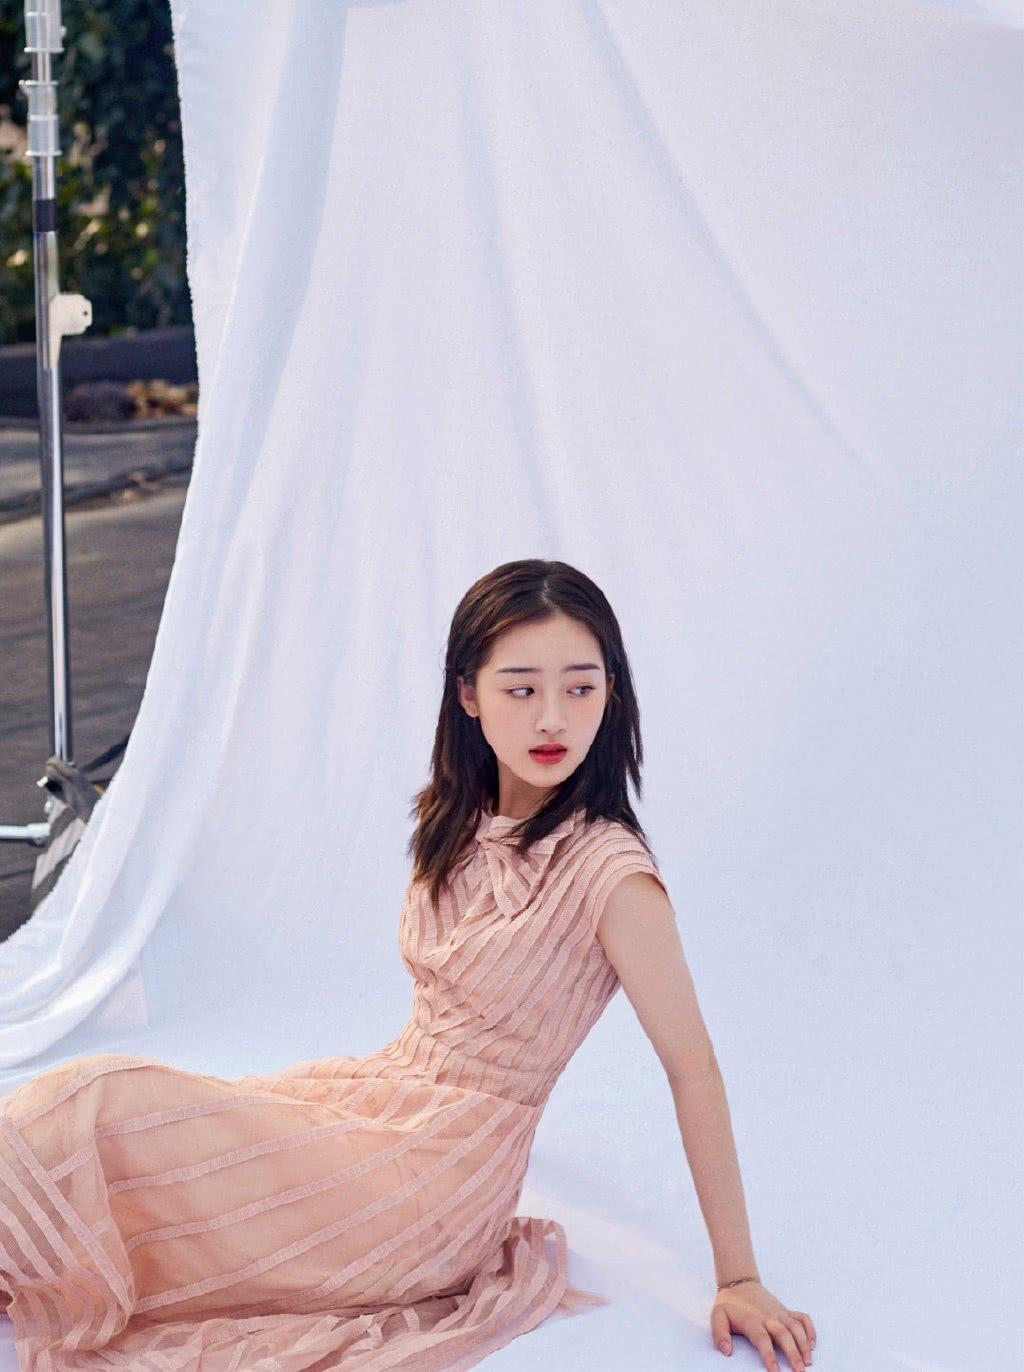 她是TFBOYS公司唯一女艺人,今穿粉色连衣裙,一笑甜美动人